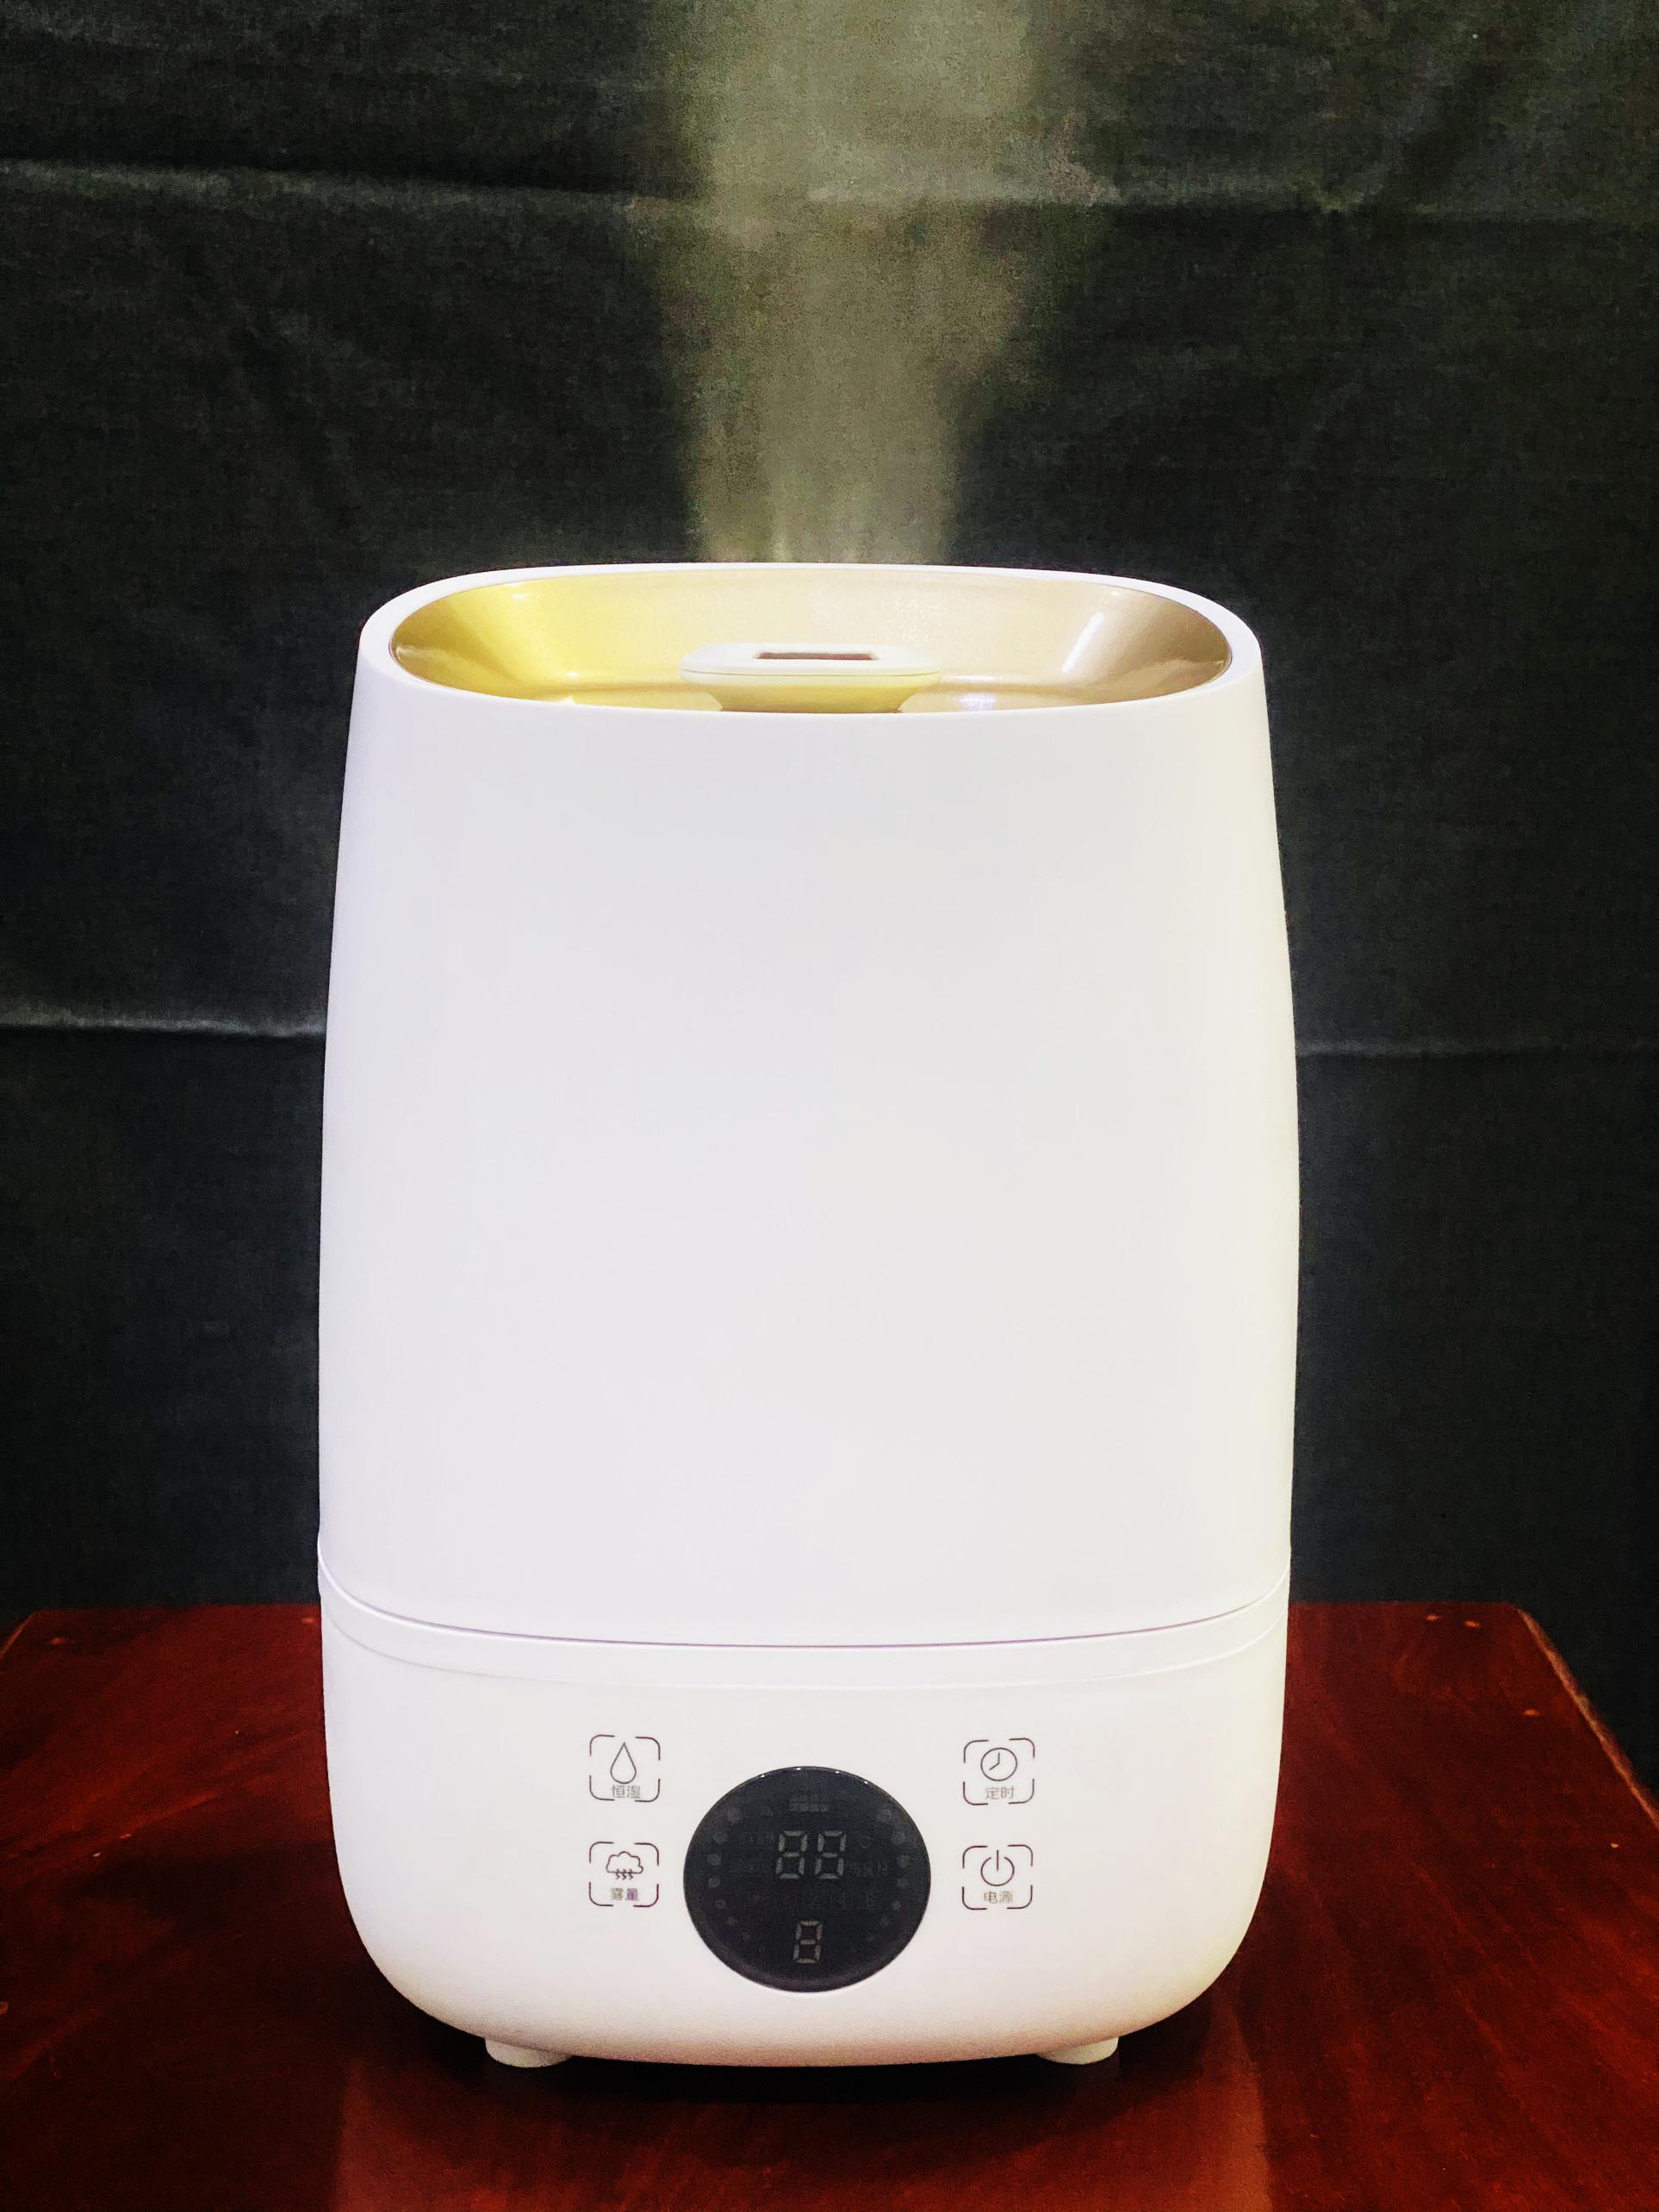 Máy phun sương tạo ẩm khử mùi diệt khuẩn gia đình màn led thông minh lạo lớn 4 lít